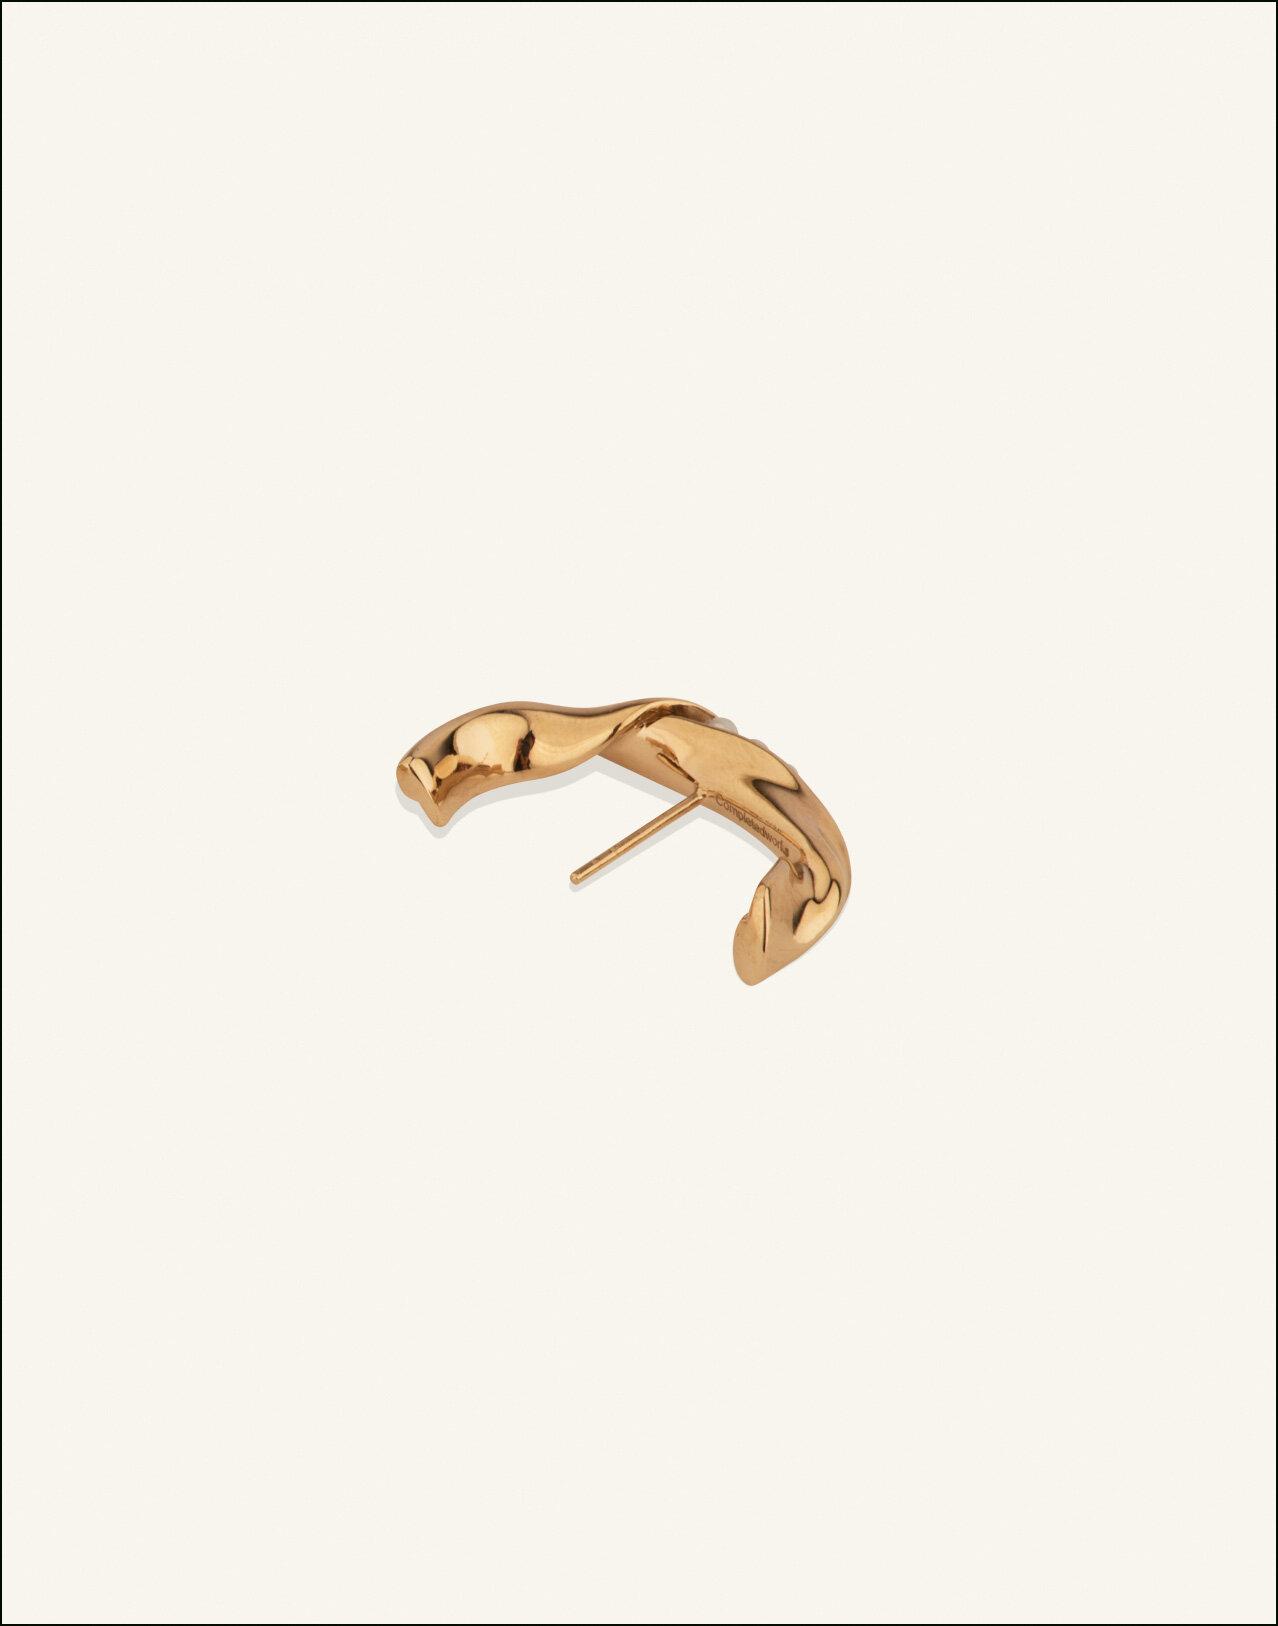 Completedworks-Gold-Vermeil-Ear-Climber-Good-Neighbours-3.jpg